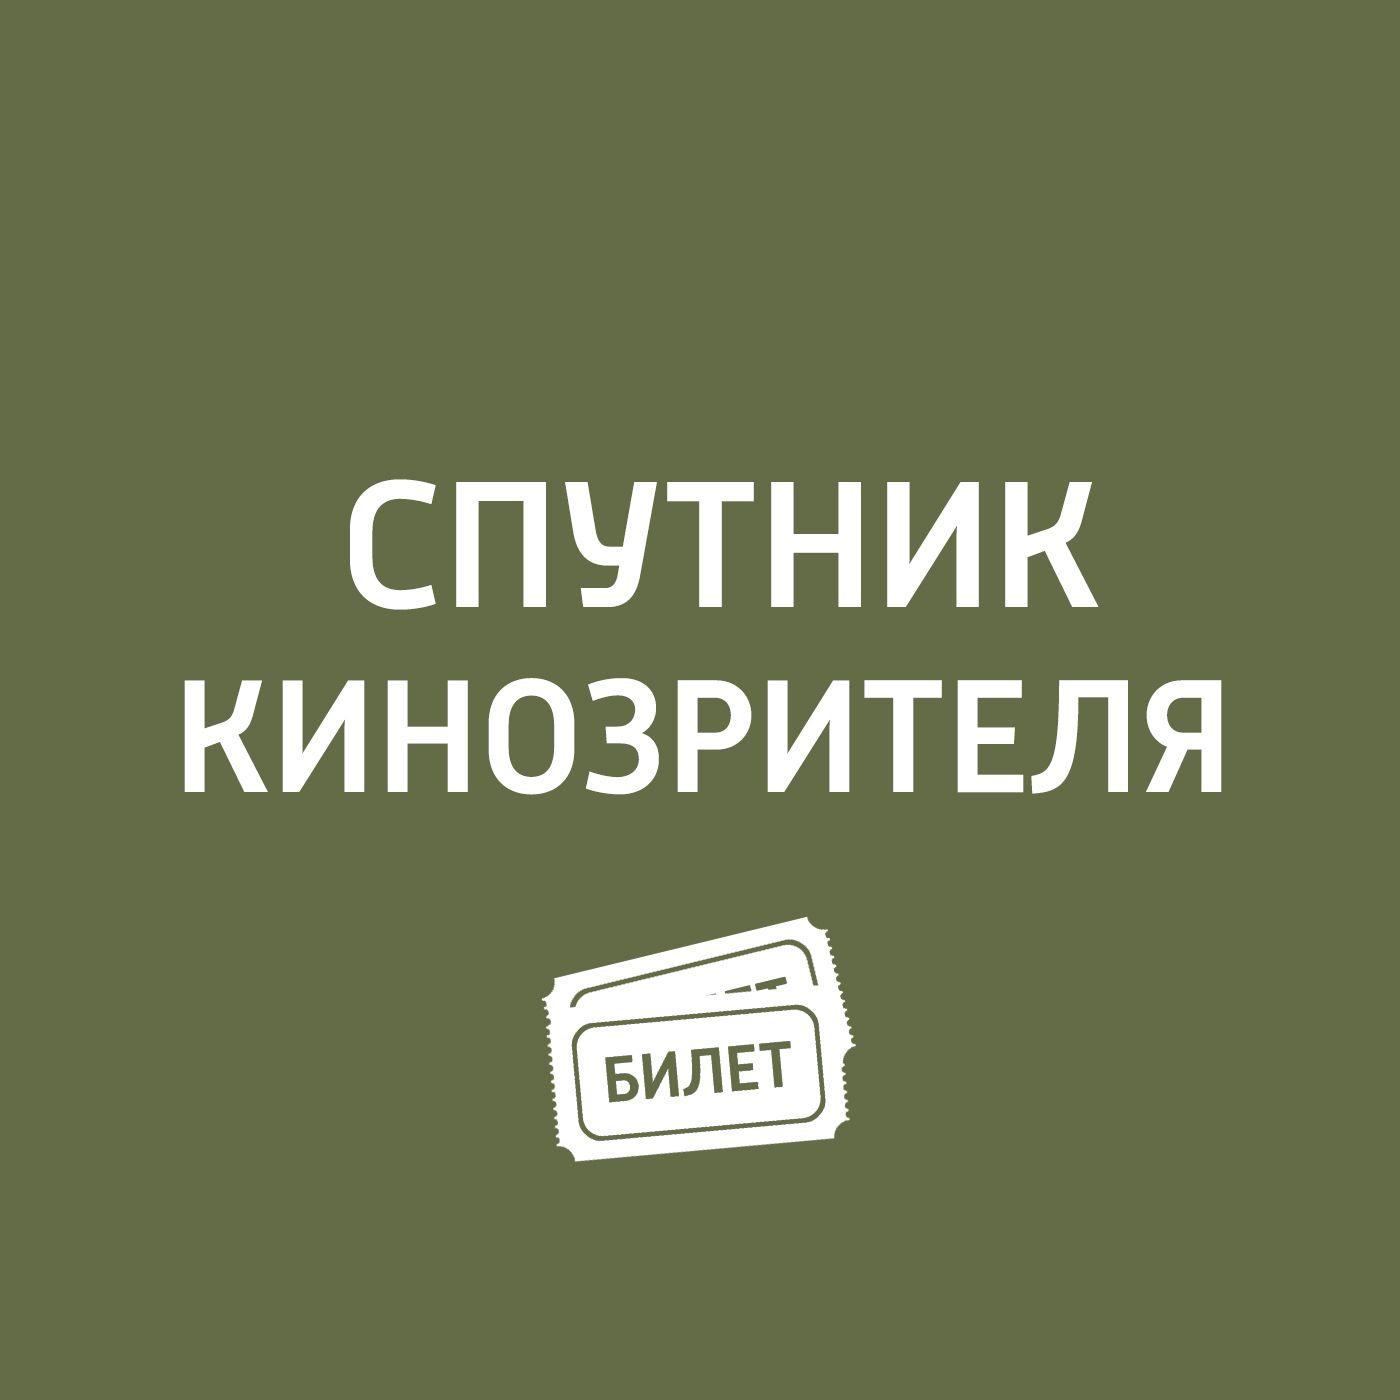 Антон Долин Предварительные итоги